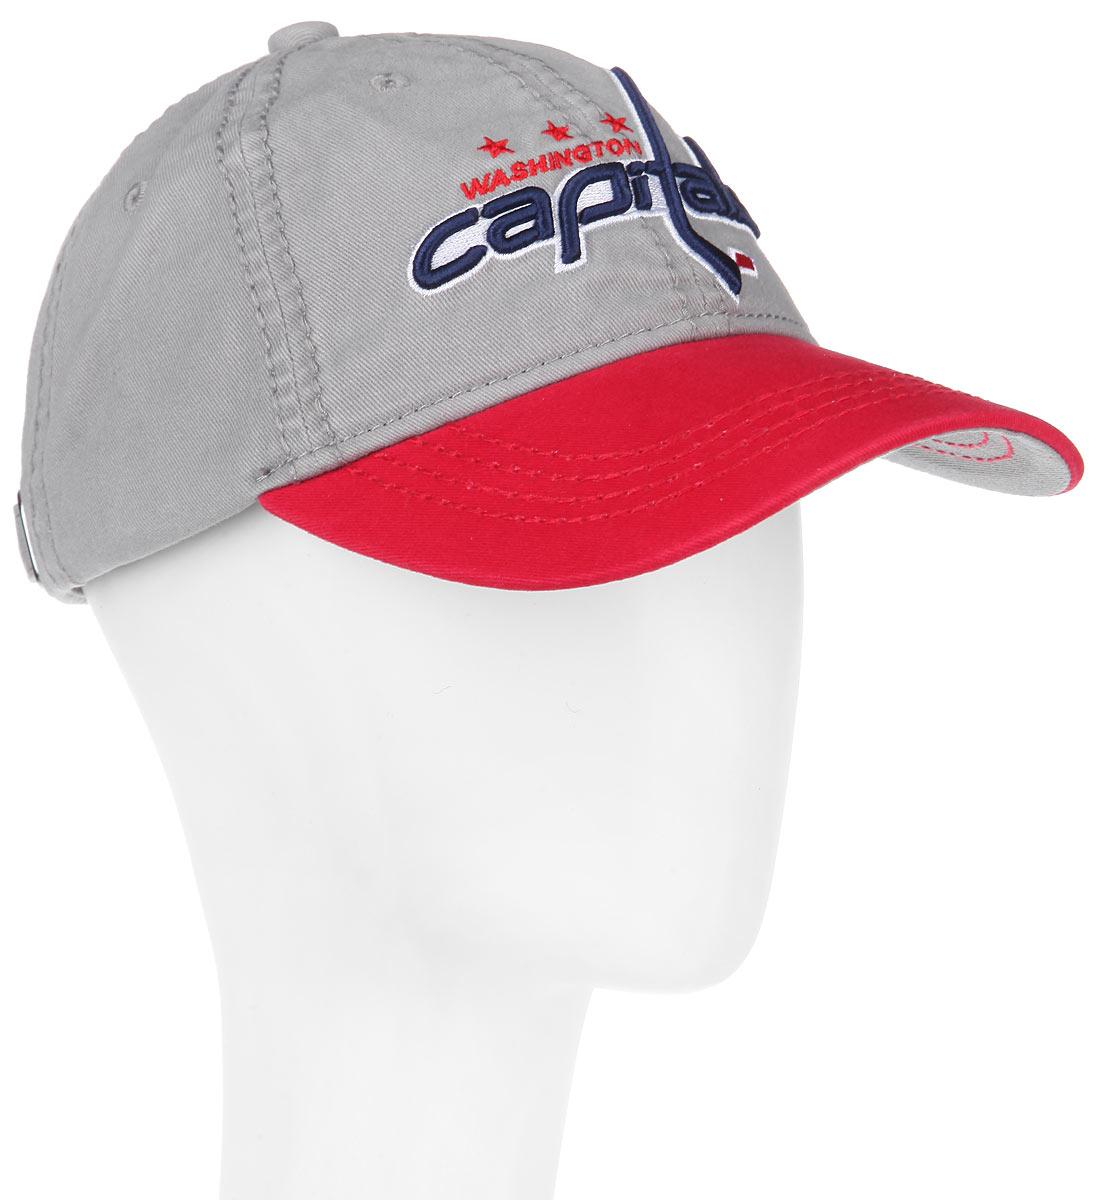 Бейсболка NHL Washington Capitals, цвет: серый, красный. 29058. Размер L\XL (55-58)29058Практичная и удобная бейсболка NHL Washington Capitals, выполненная из высококачественного хлопка, идеально подойдет для активного отдыха и обеспечит надежную защиту головы от солнца.Бейсболка дополнена широким твердым козырьком и оформлена вышивкой в виде эмблемы профессиональной хоккейной команды Washington Capitals, а также вышитыми надписями. Кепка имеет перфорацию, обеспечивающую необходимую вентиляцию. Объем изделия регулируется металлическим фиксатором. Такая бейсболка станет отличным аксессуаром для занятий спортом или дополнит ваш повседневный образ.